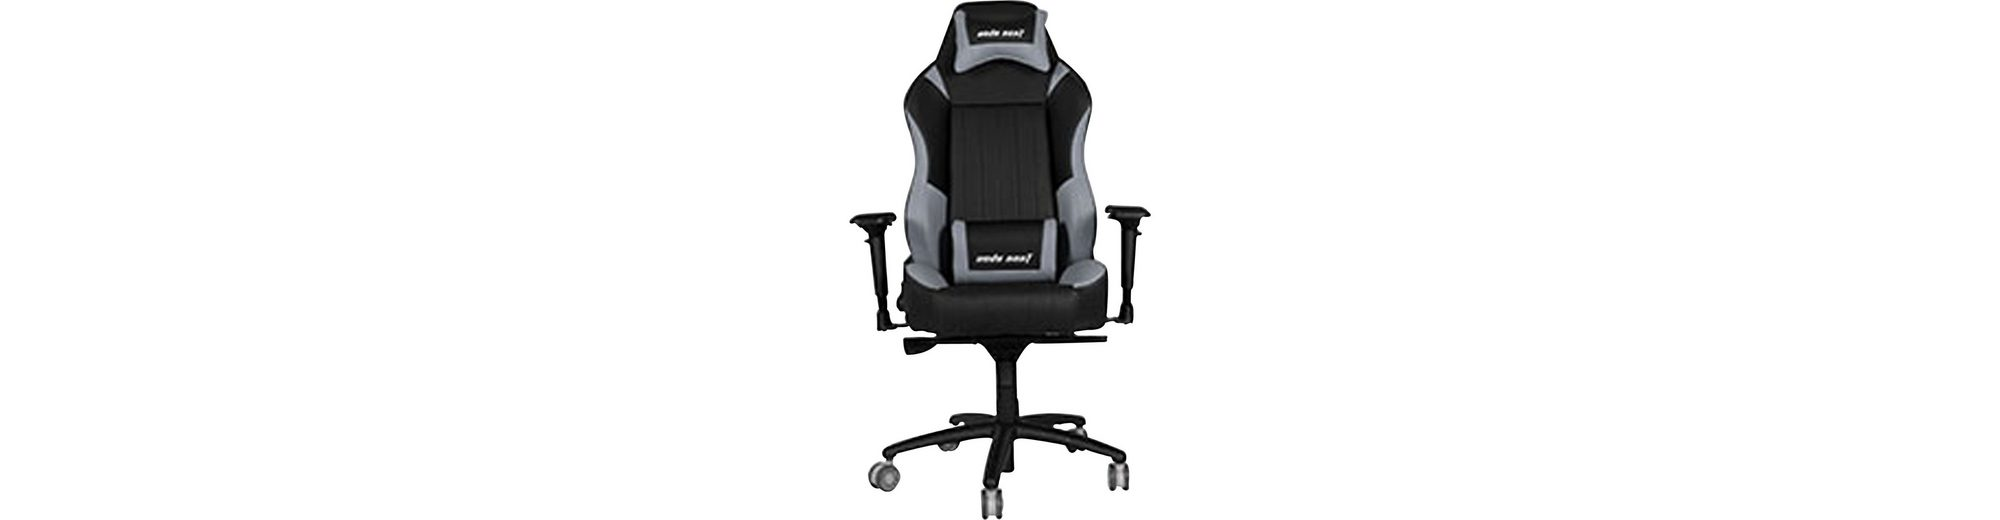 Anda Seat Spielsitz »Torque«